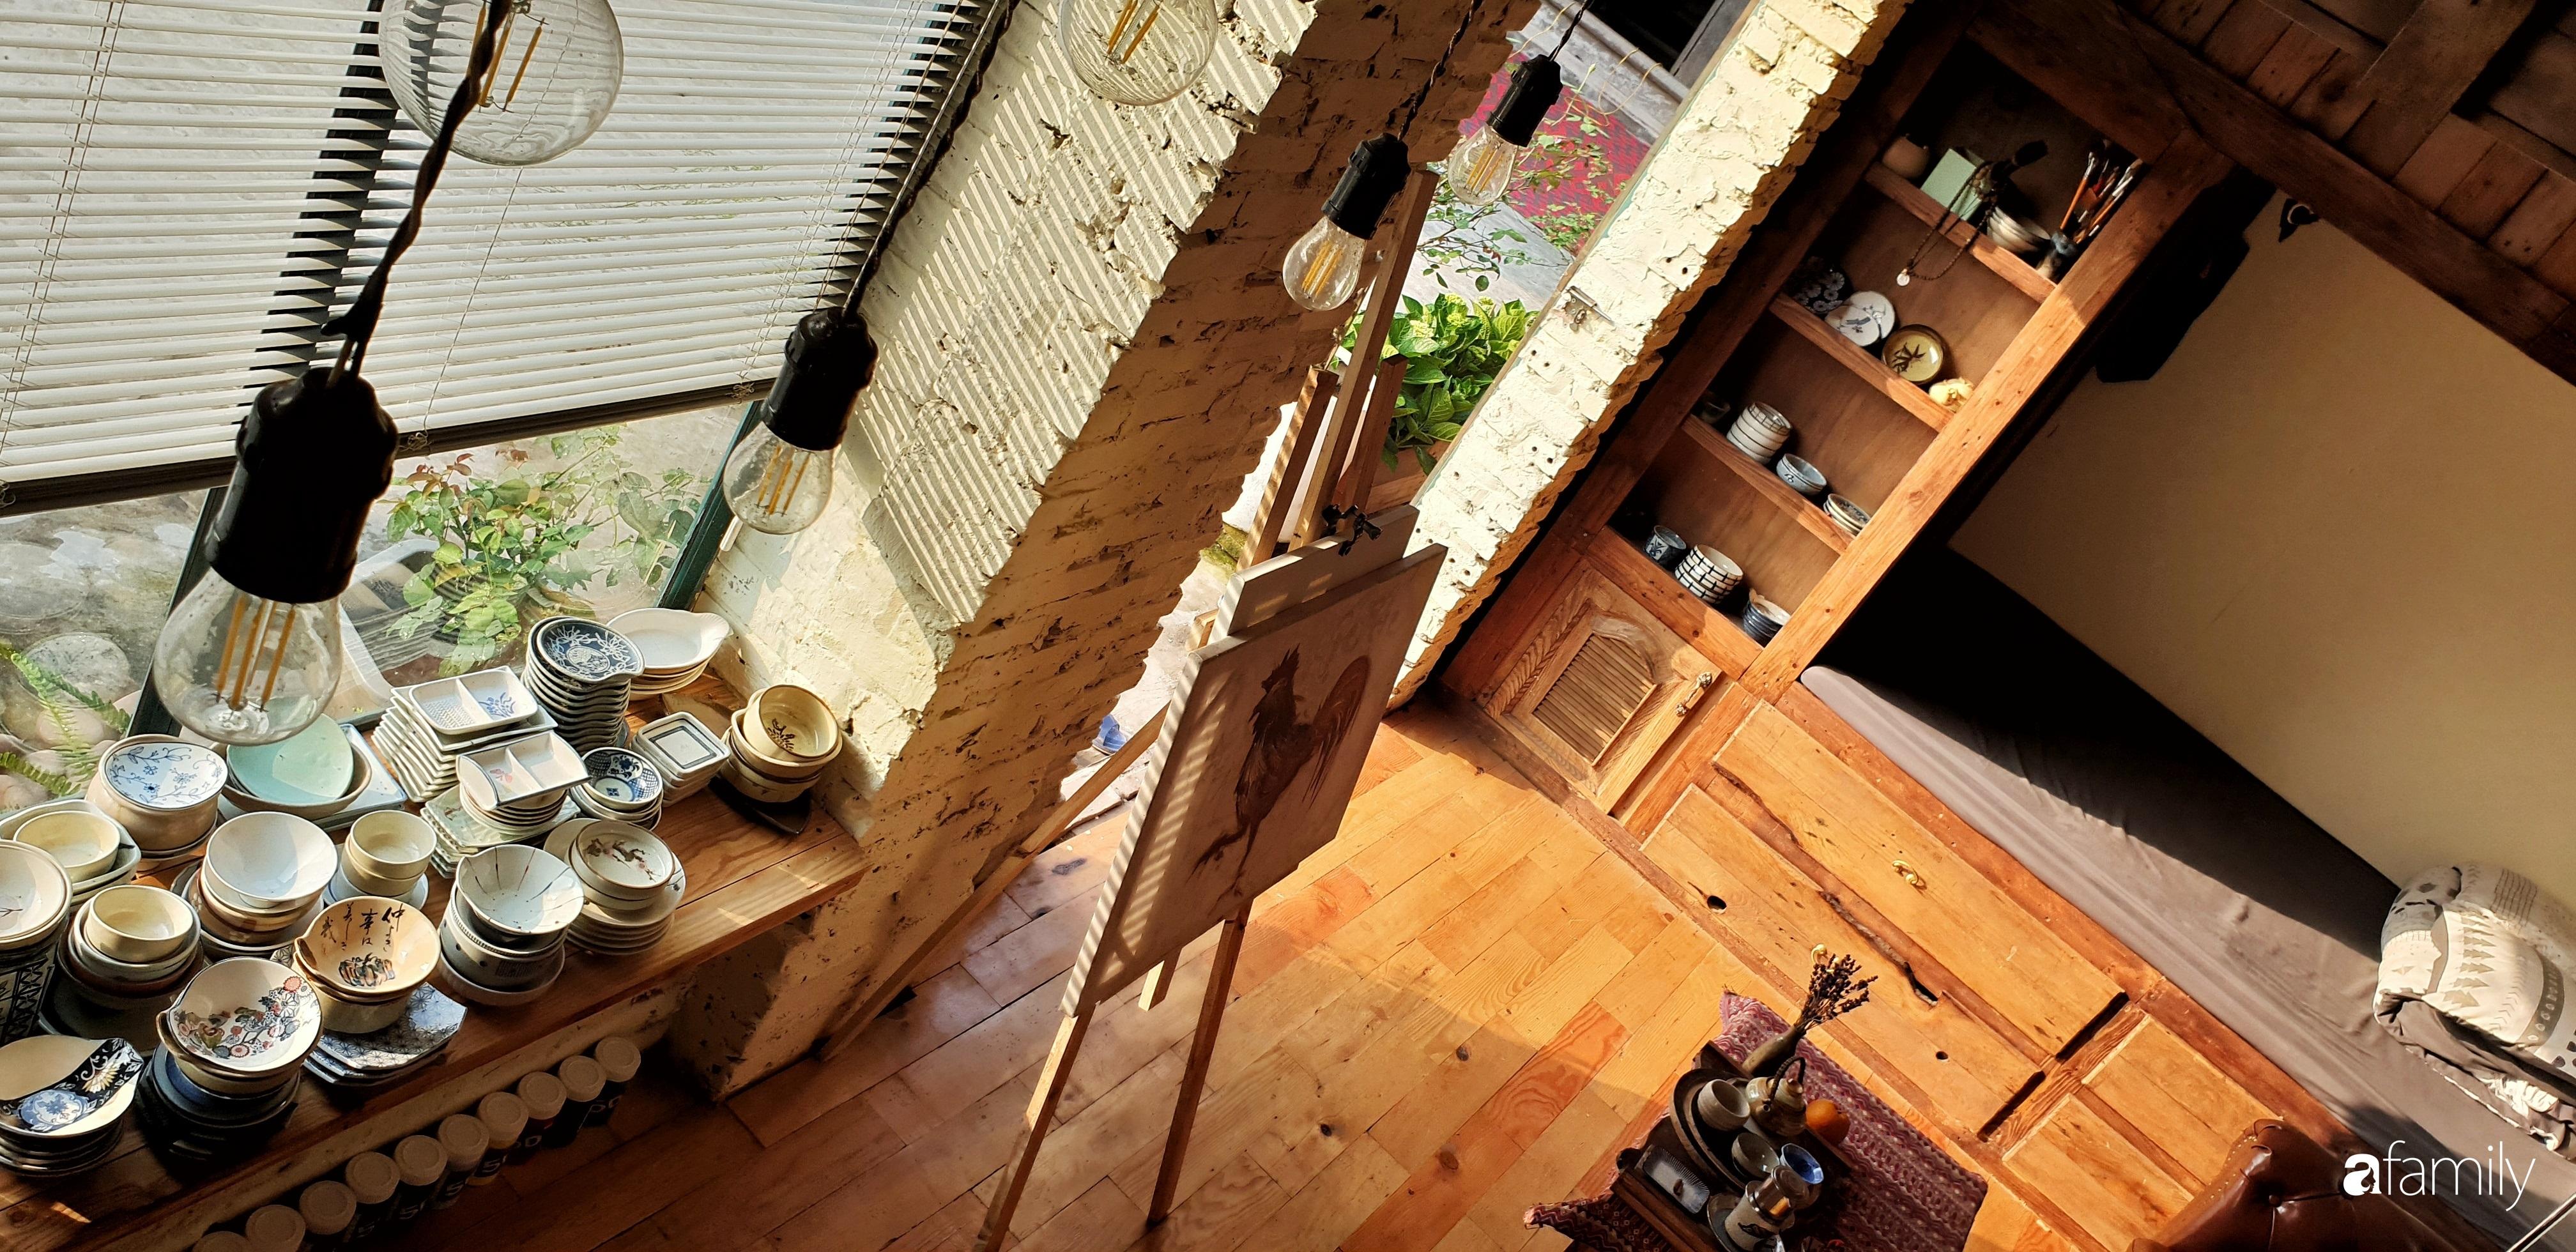 Chàng trai miền Trung biến nhà kho cũ thành ngôi nhà hạnh phúc đẹp lãng mạn cho hai vợ chồng - Ảnh 10.